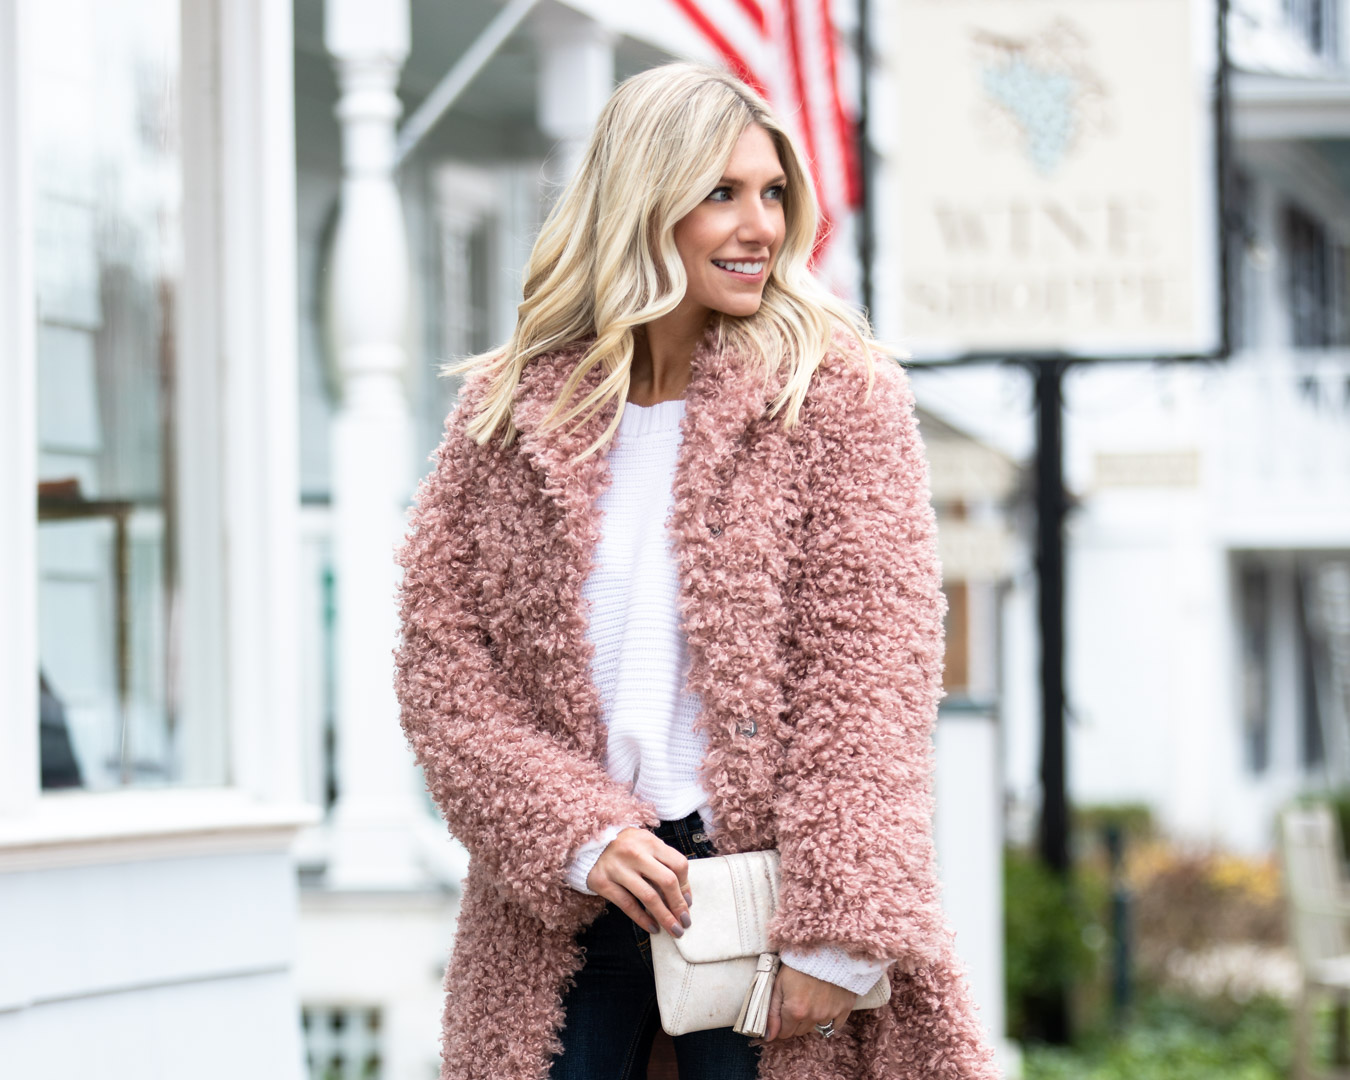 Chicwish Blush Jacket & White Sweater